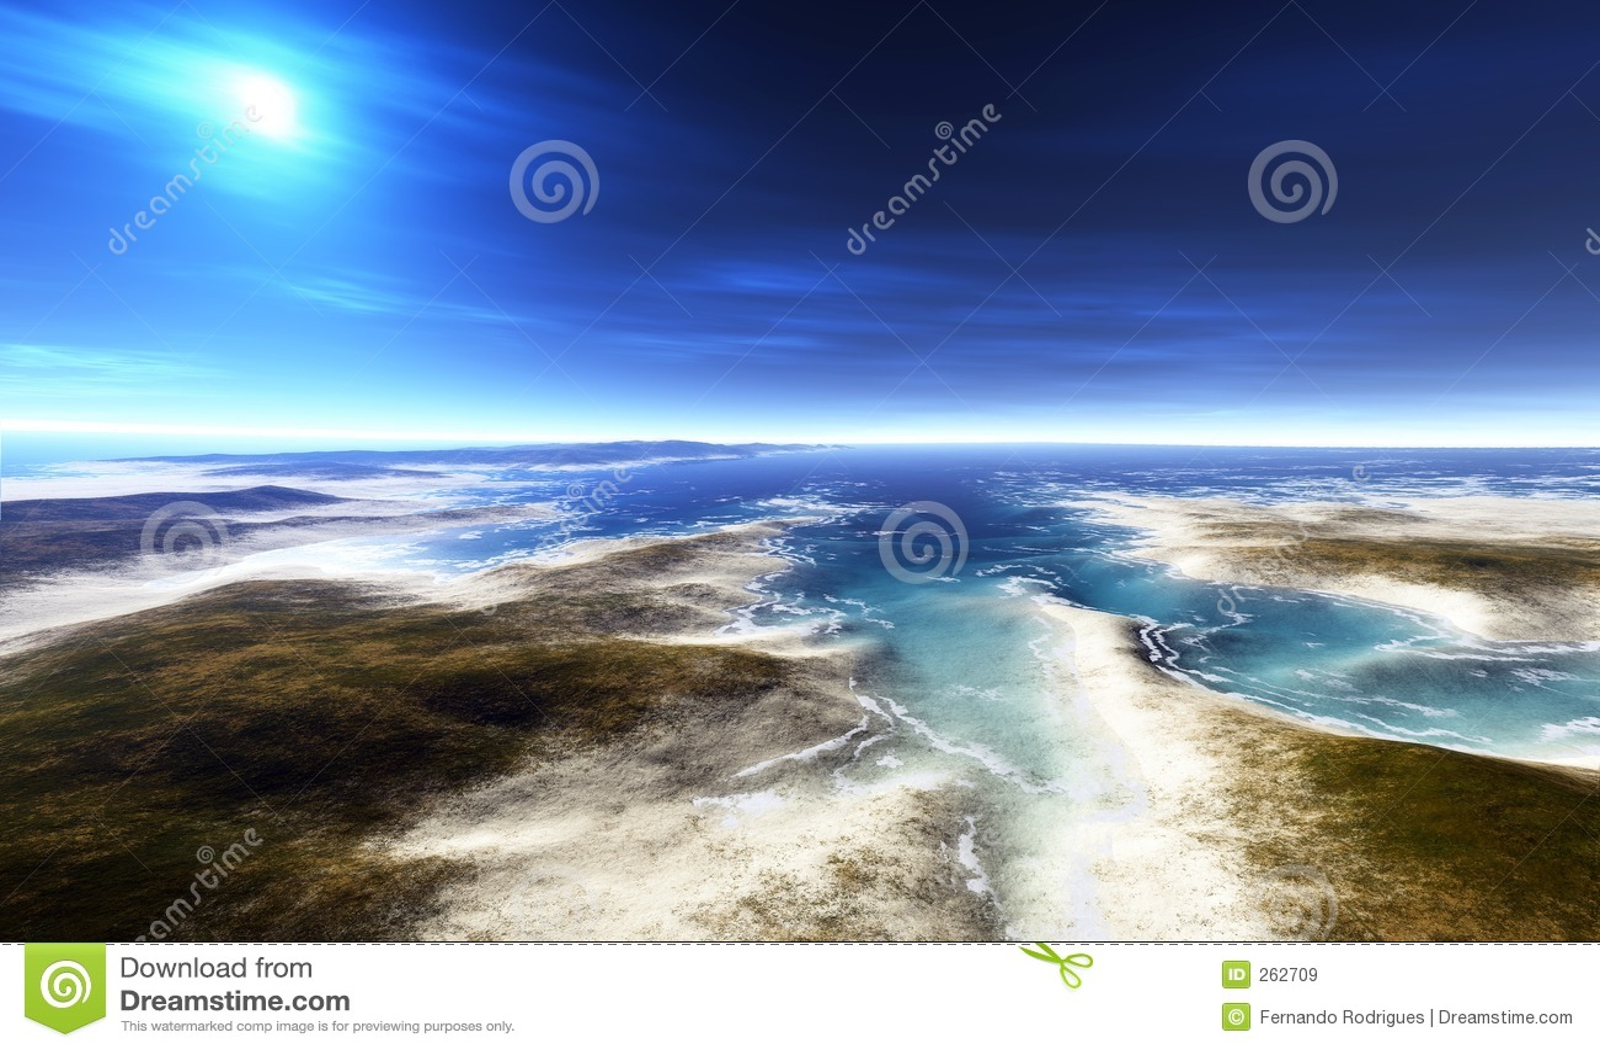 Digital-Ansicht eines Strandes